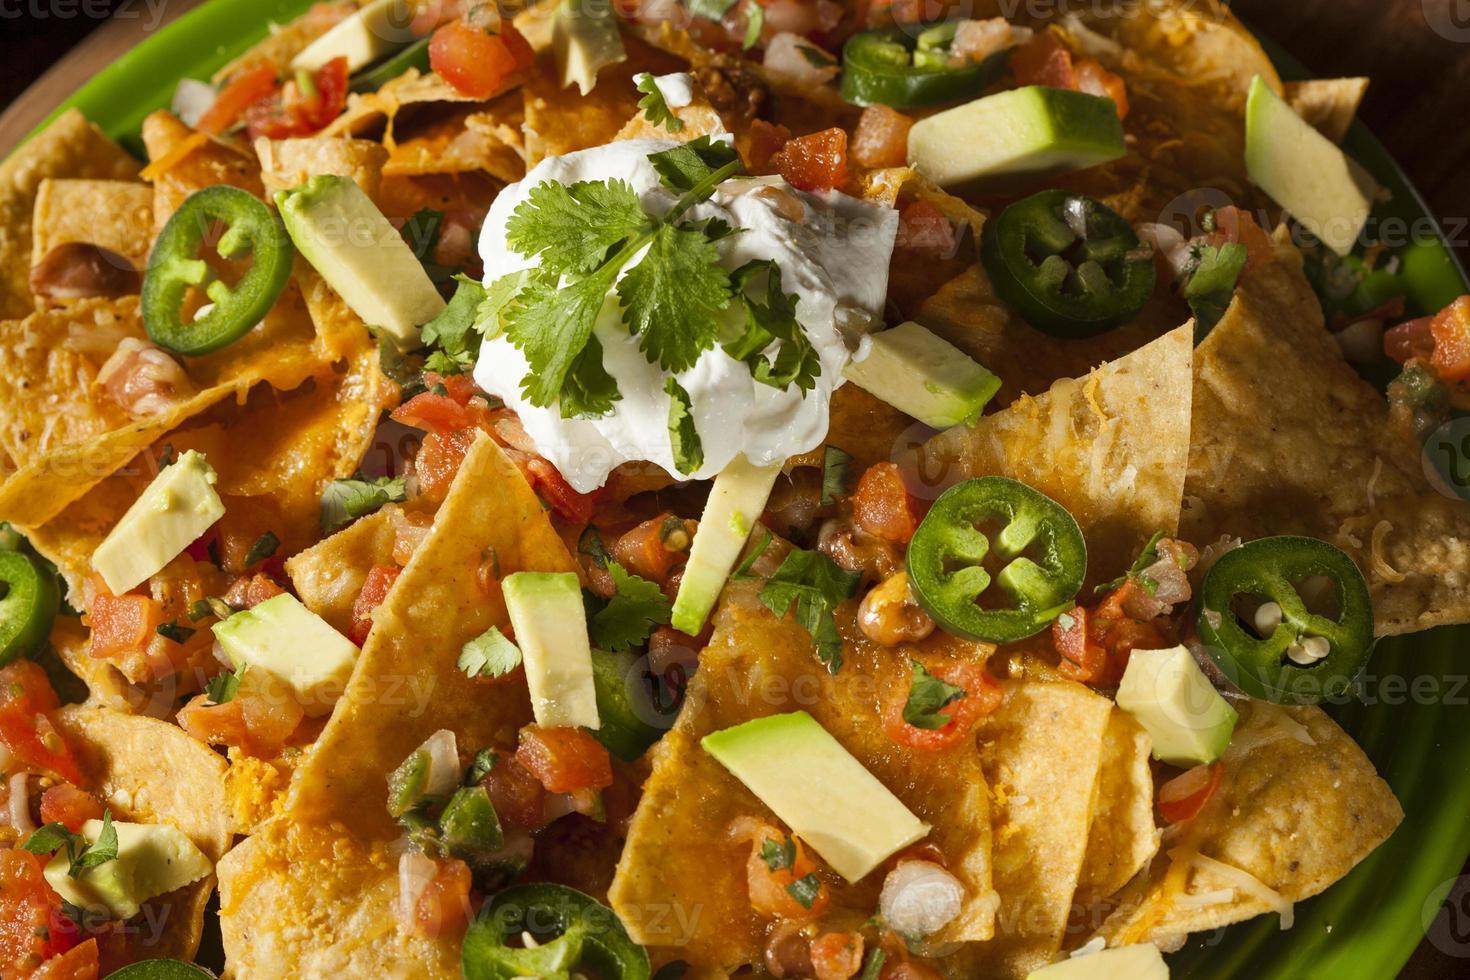 hemlagad ohälsosam nachos med ost och grönsaker foto